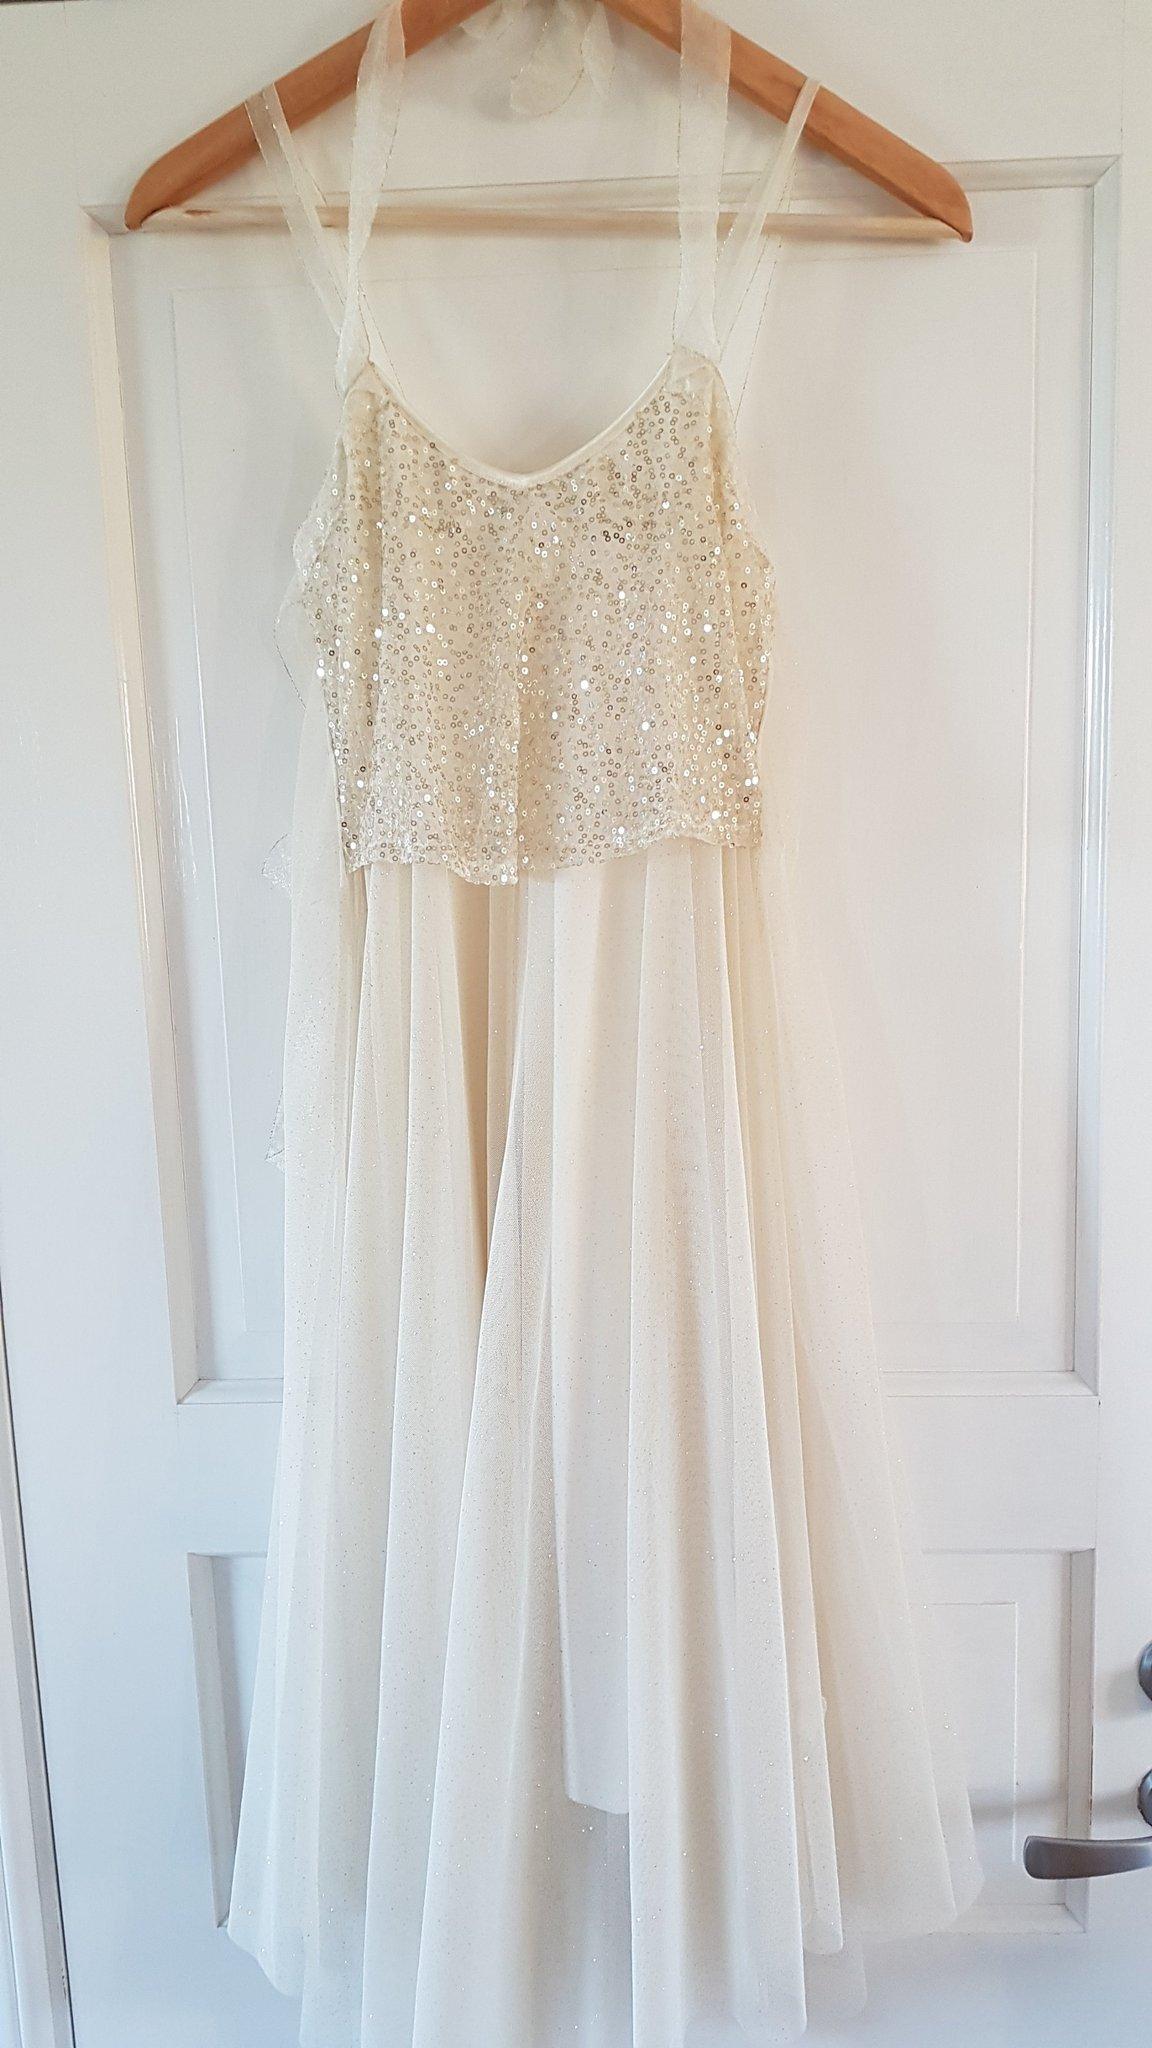 e14ed1dec88a Ida sjöstedt klänning xs (350768164) ᐈ Köp på Tradera